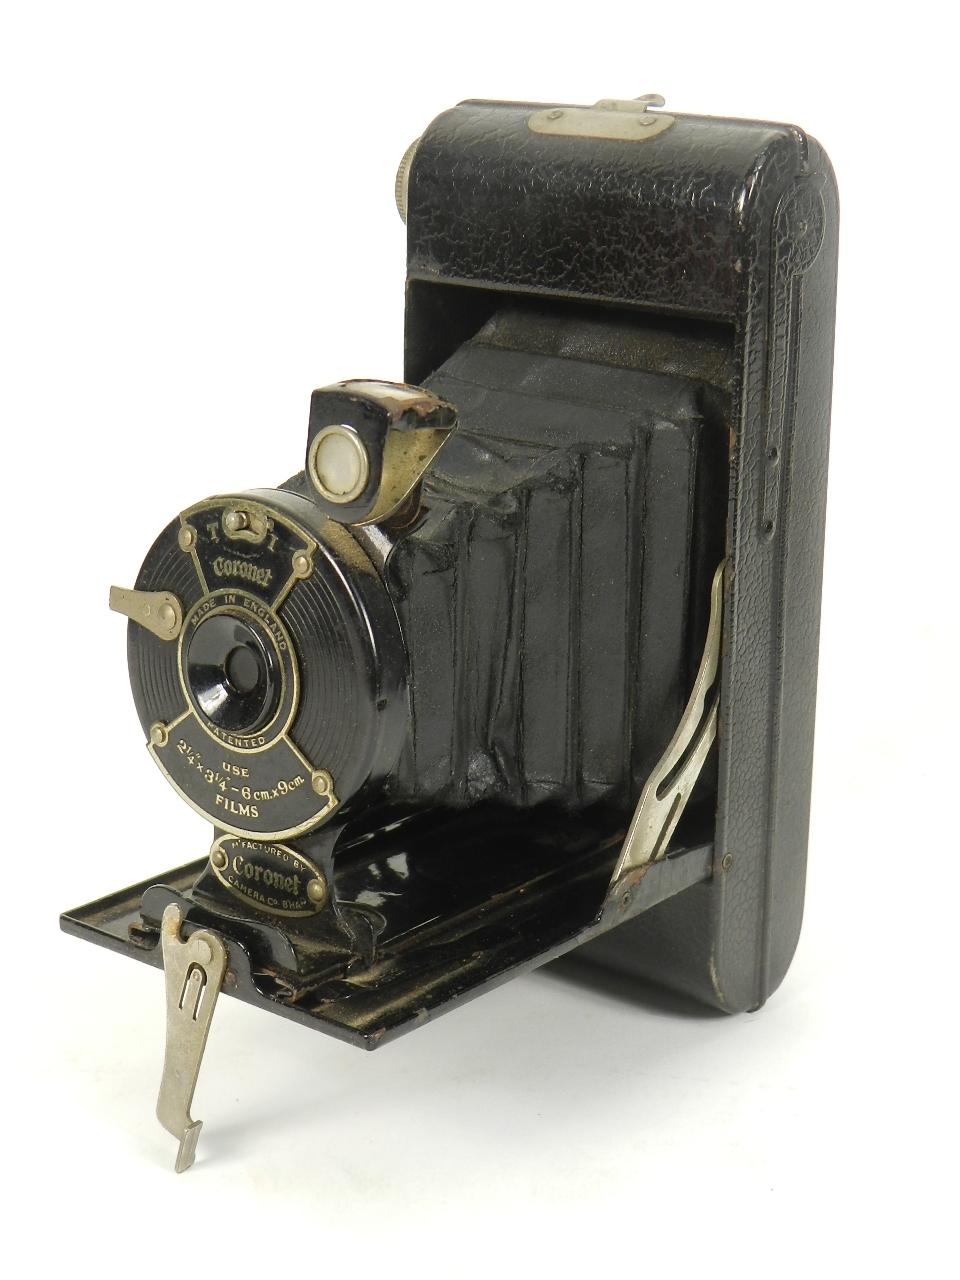 Imagen CORONET AÑO 1930 27865